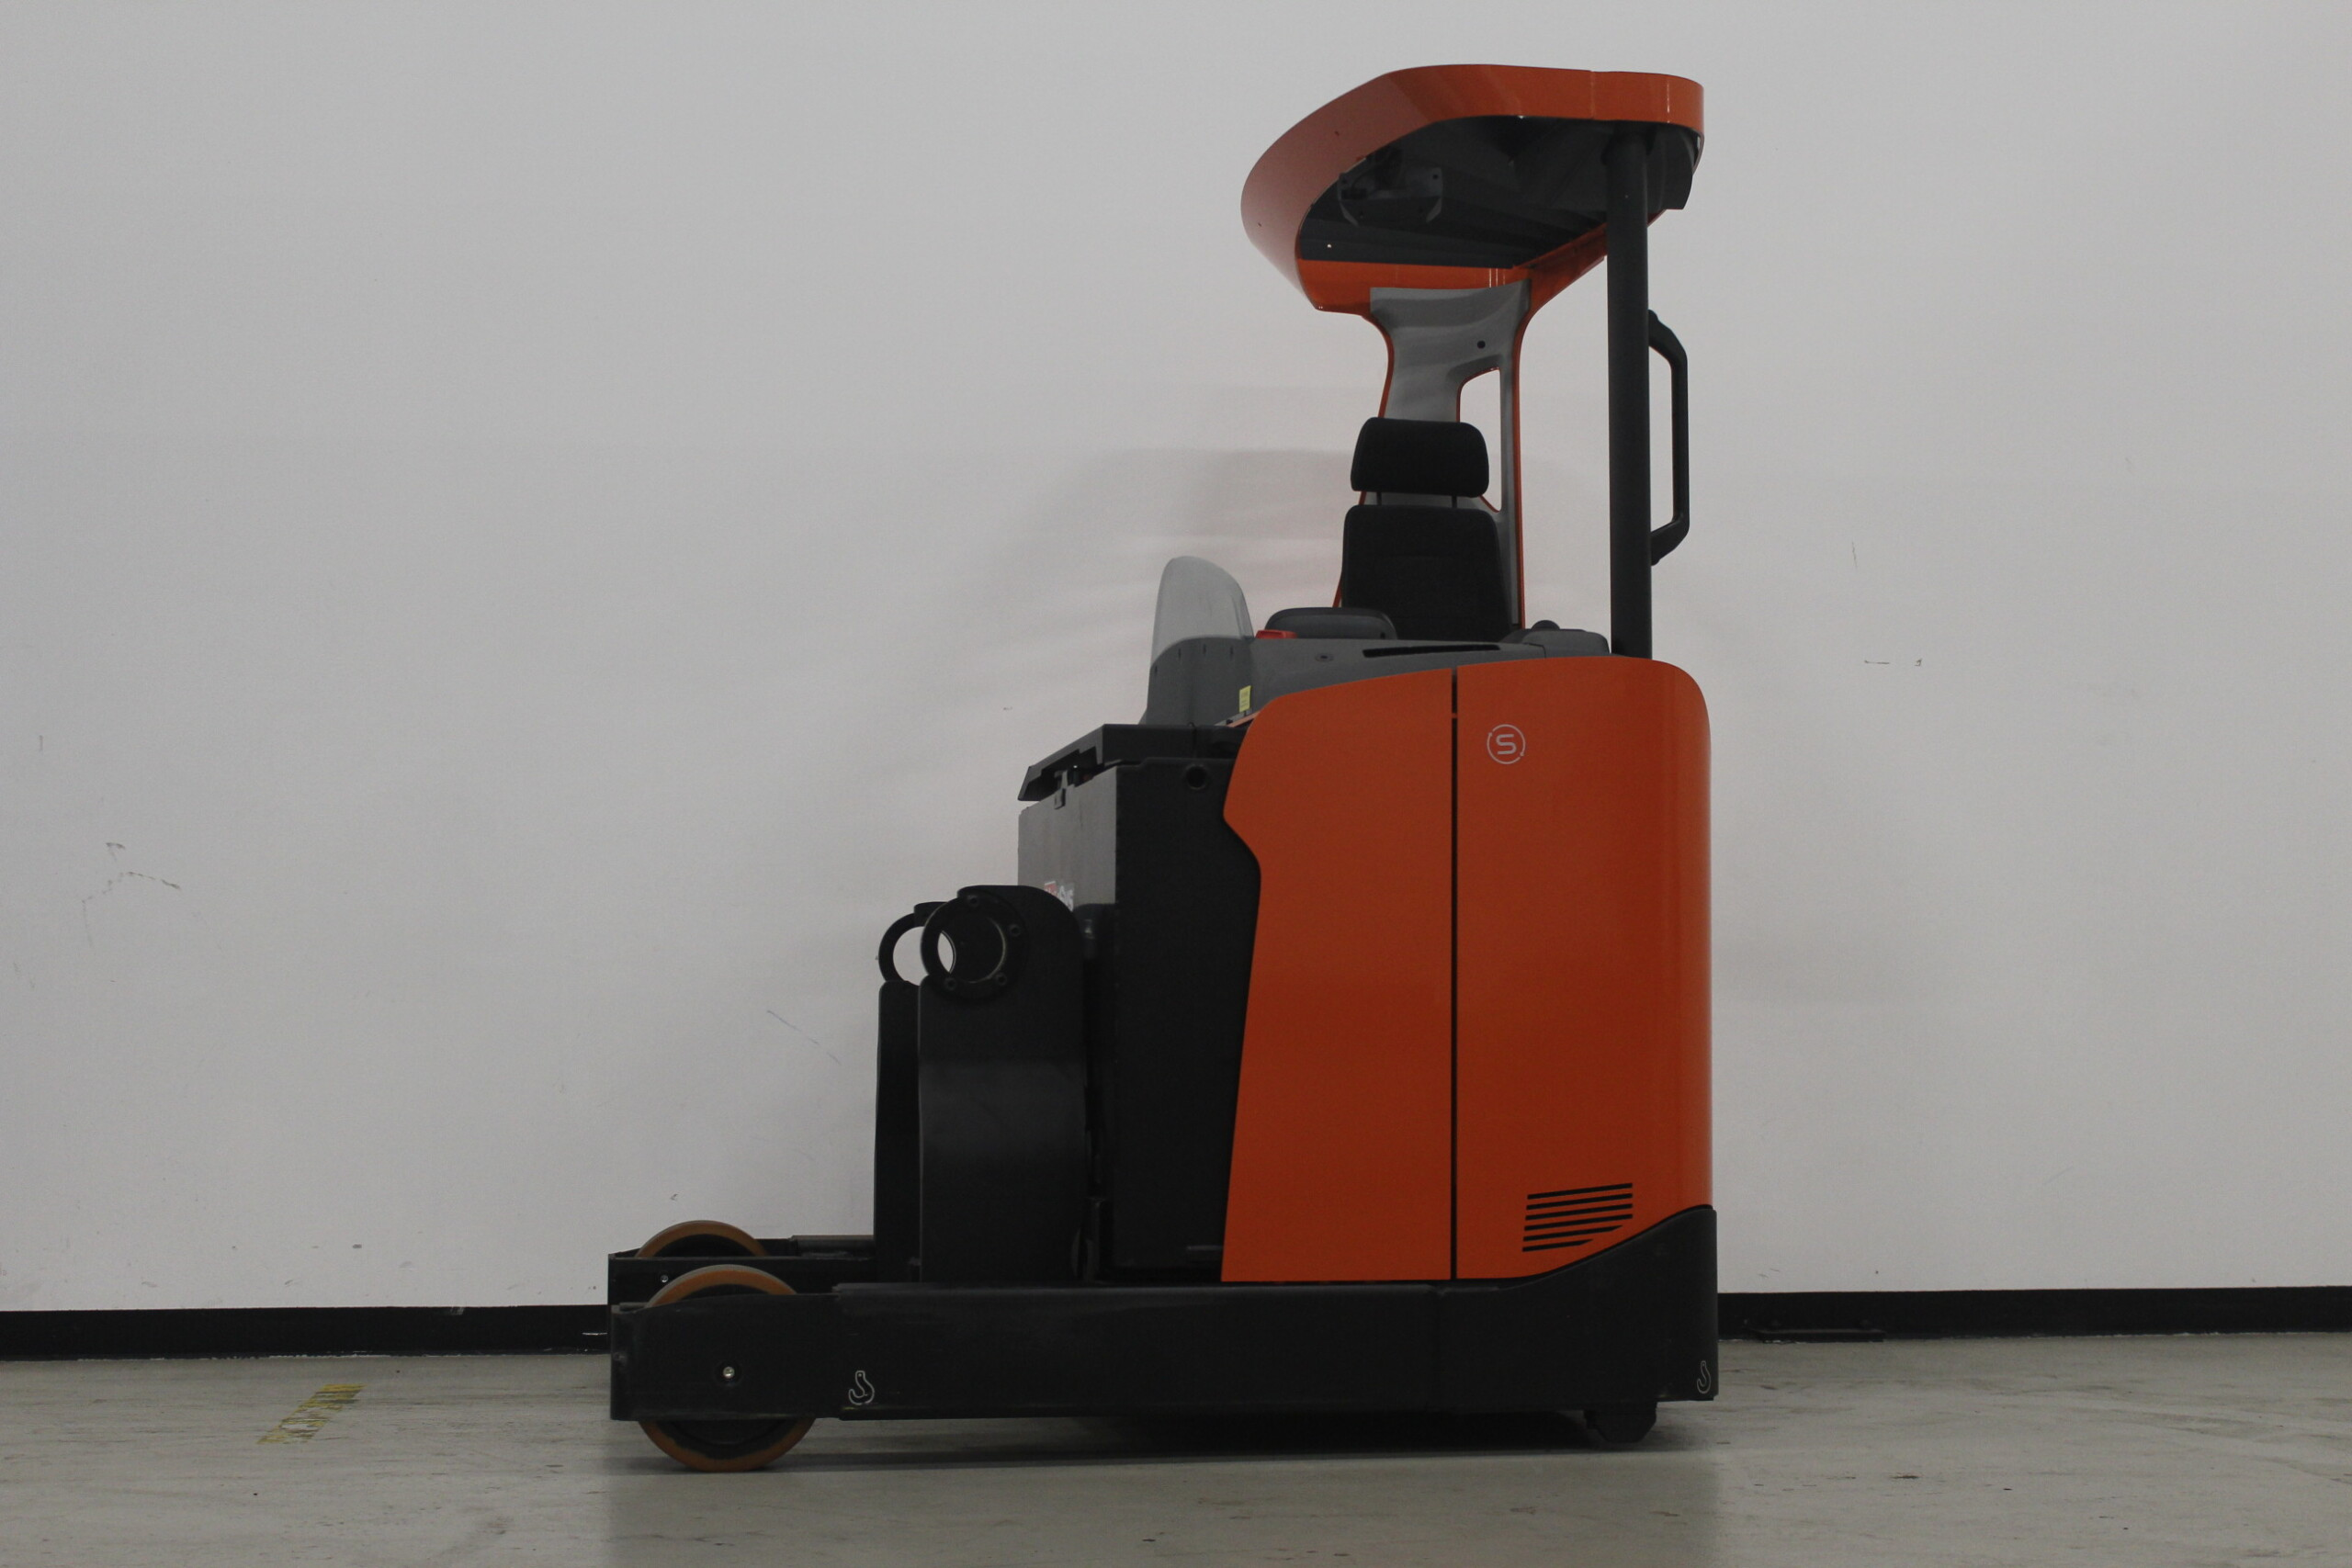 Toyota-Gabelstapler-59840 1907950140 1 10 scaled